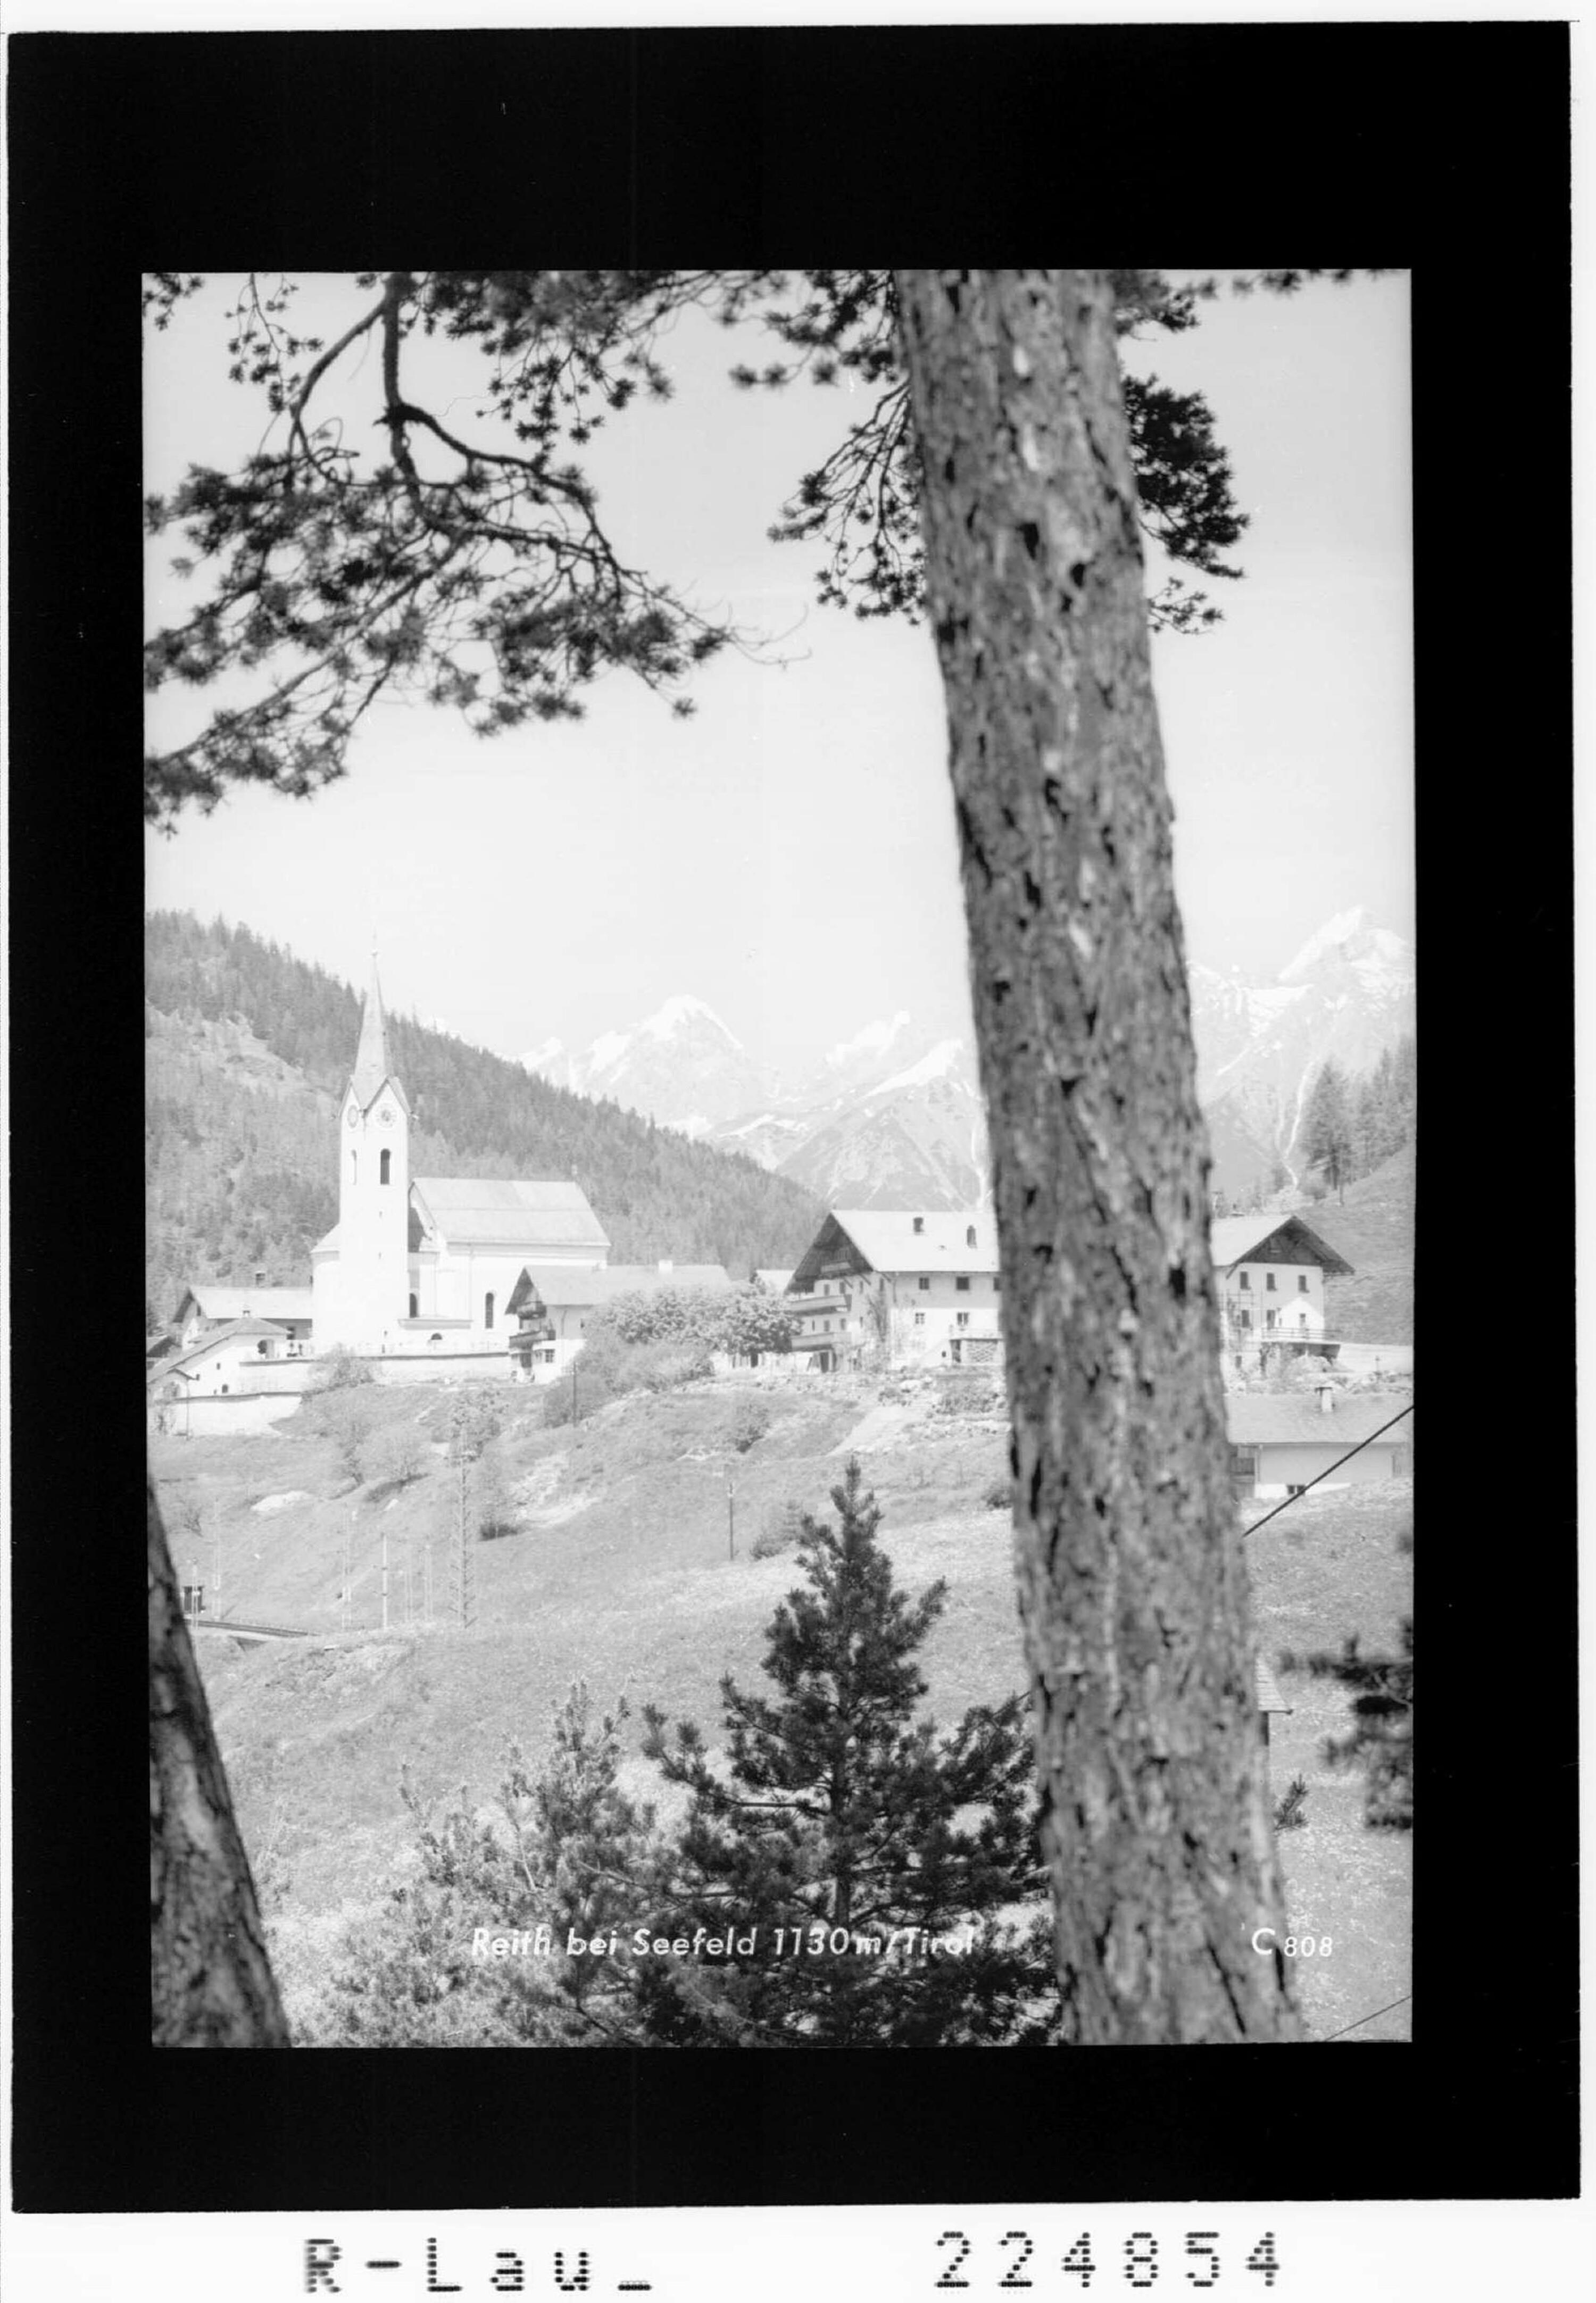 Reith bei Seefeld 1130 m / Tirol von Wilhelm Stempfle